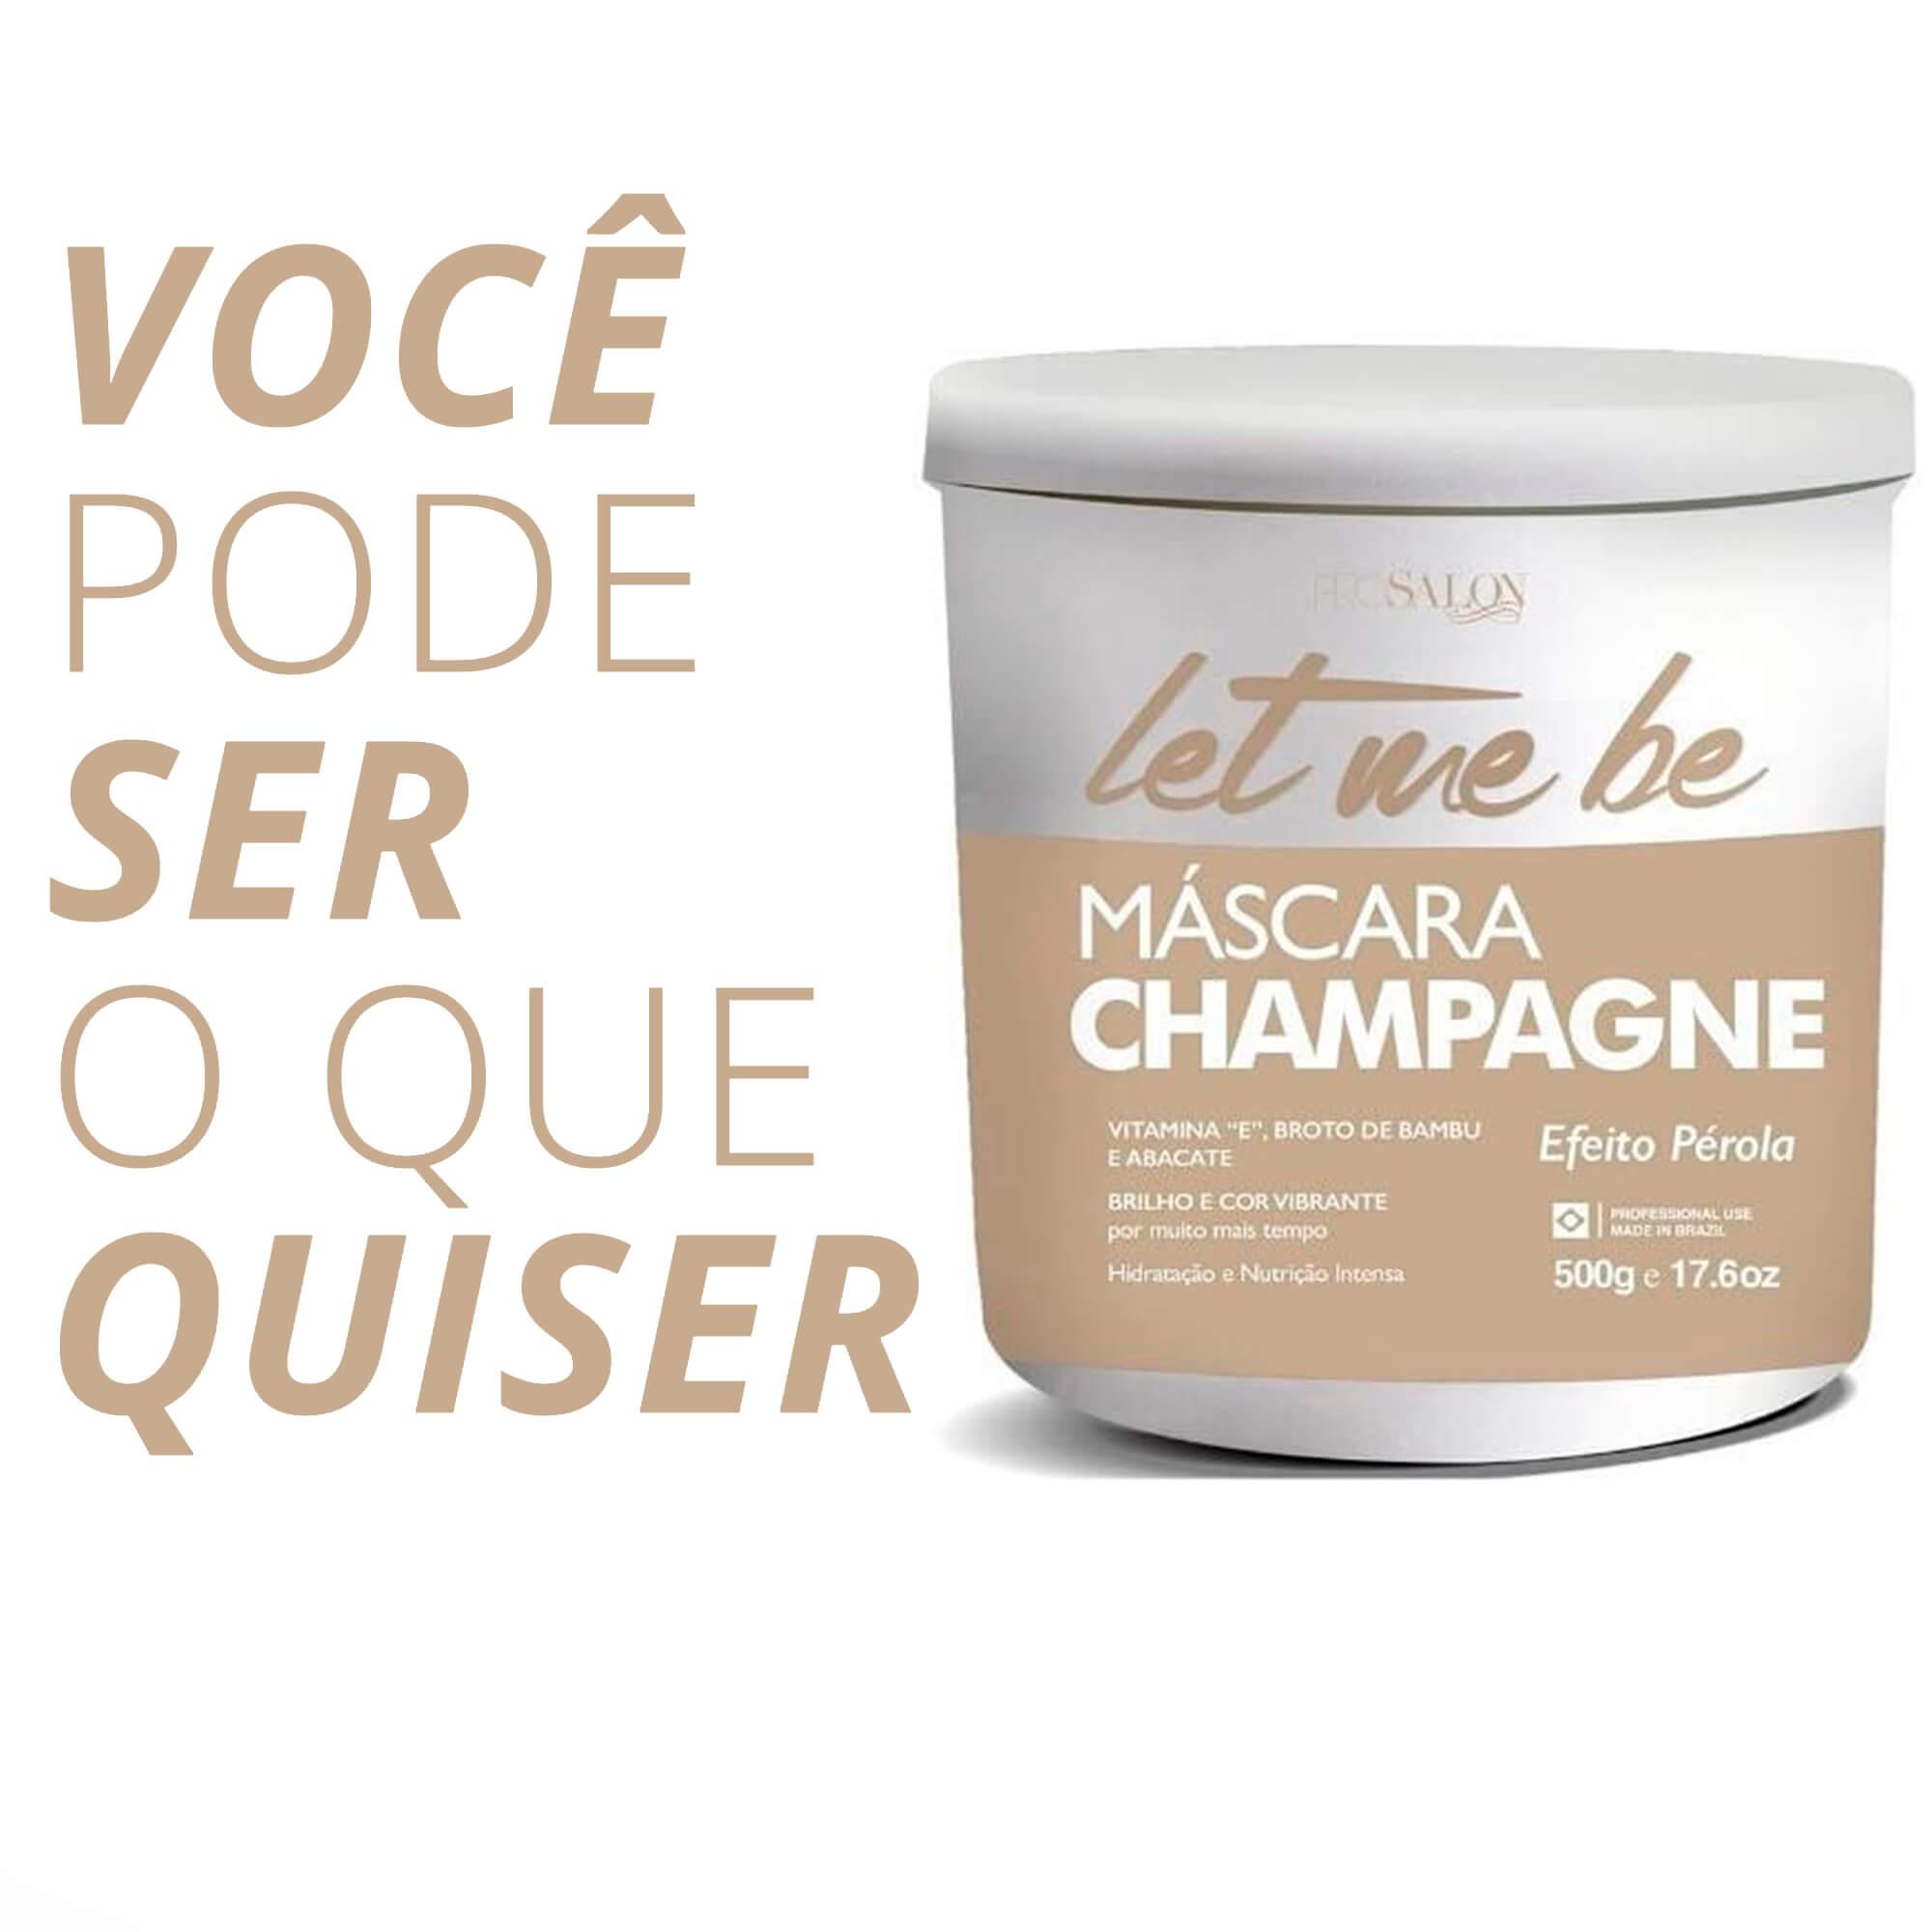 Let Me Be Máscara Champagne Efeito Pérola 500g